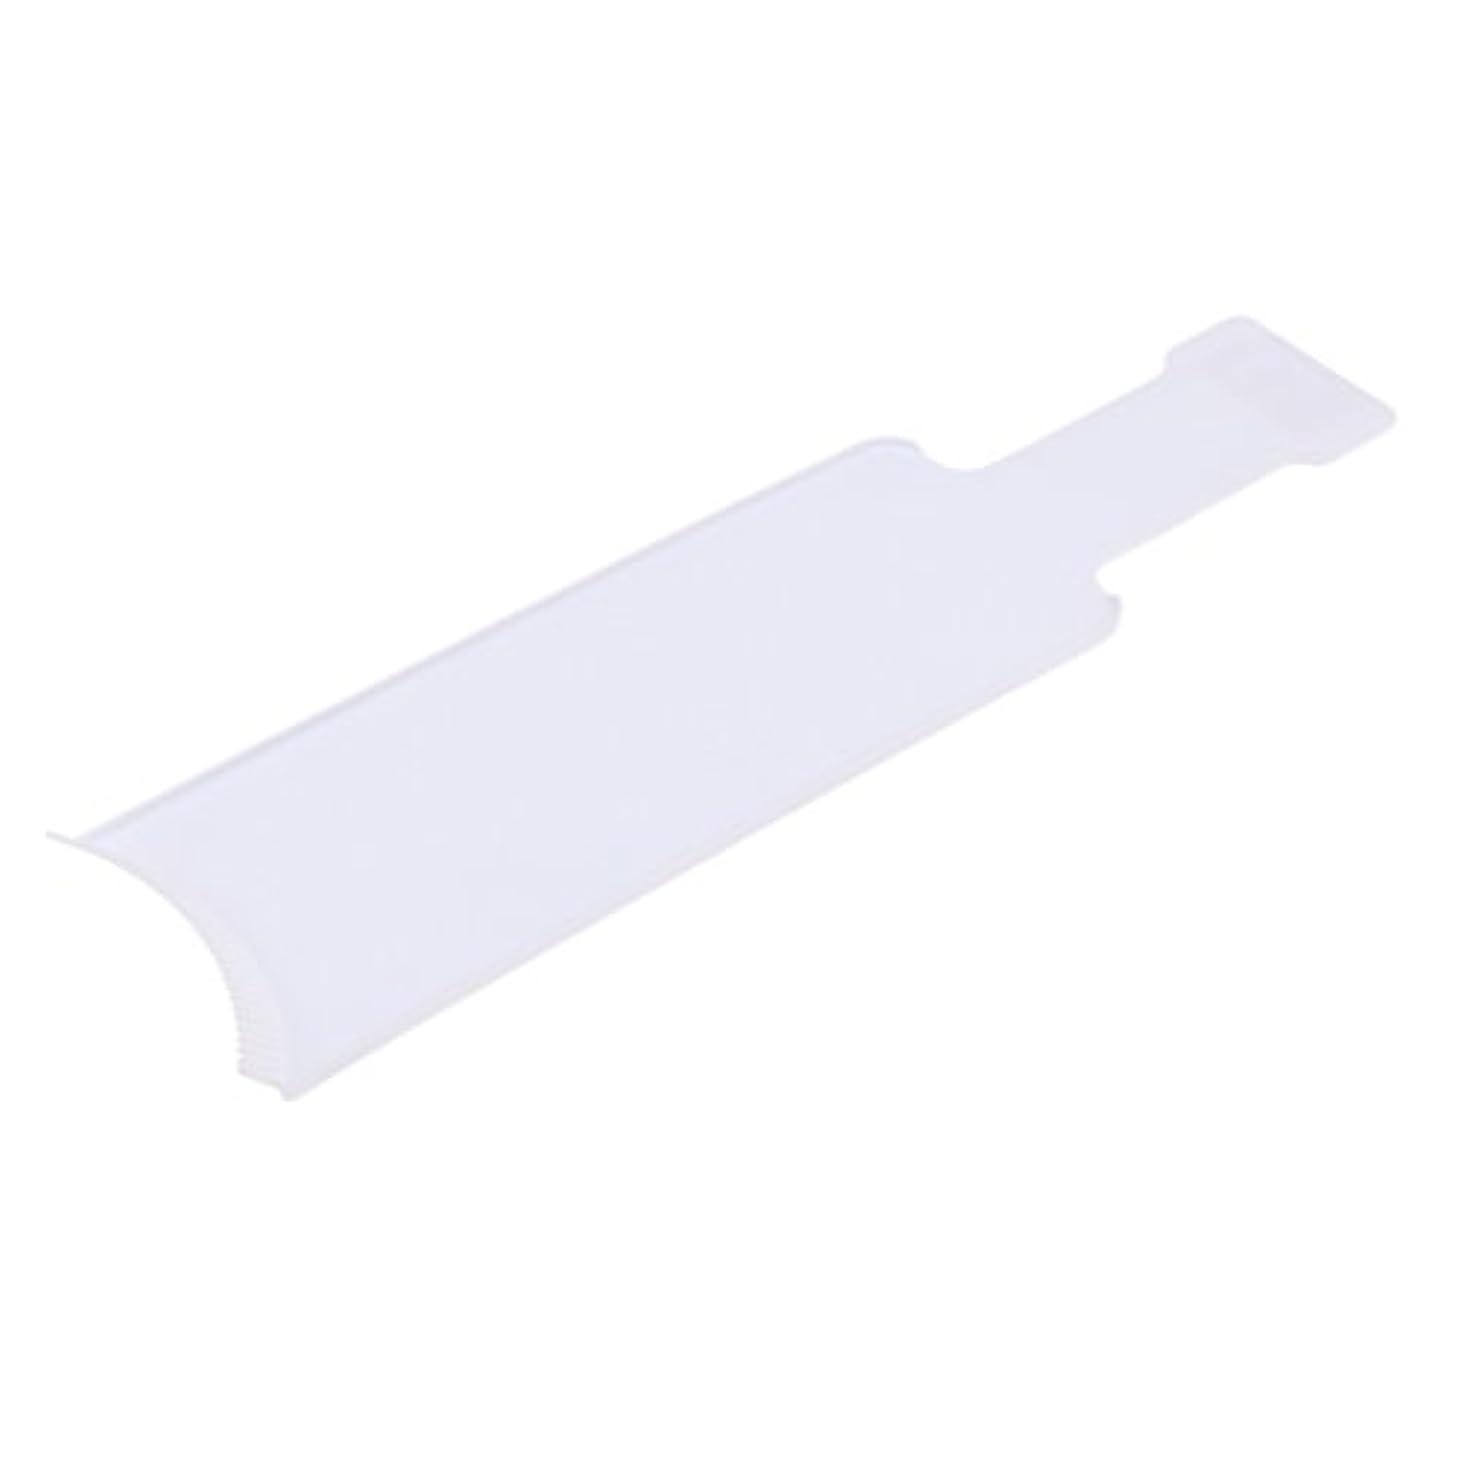 クリップ精査偽物Perfeclan 染色櫛プレート 染めボード 髪を染め 着色ボード ヘアコーム ヘアブラシ 櫛 全2サイズ2色 - 白, L